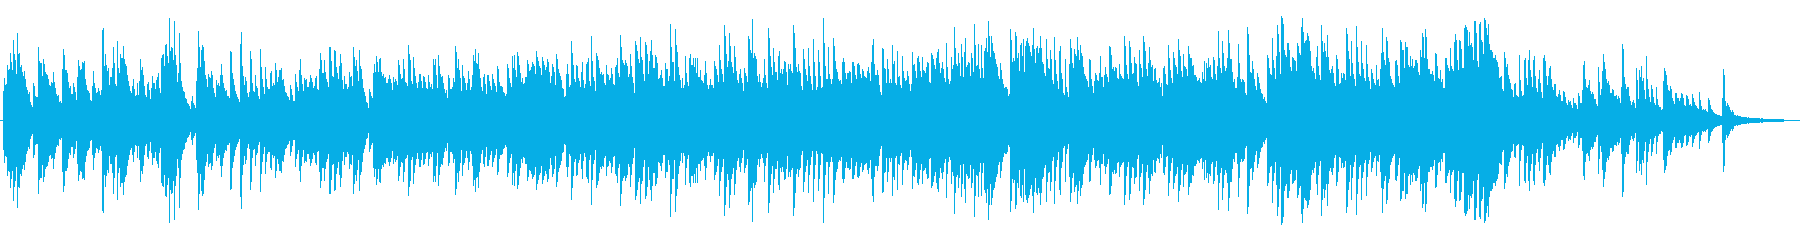 悲しい、沈むようにシリアスなピアノBGMの再生済みの波形